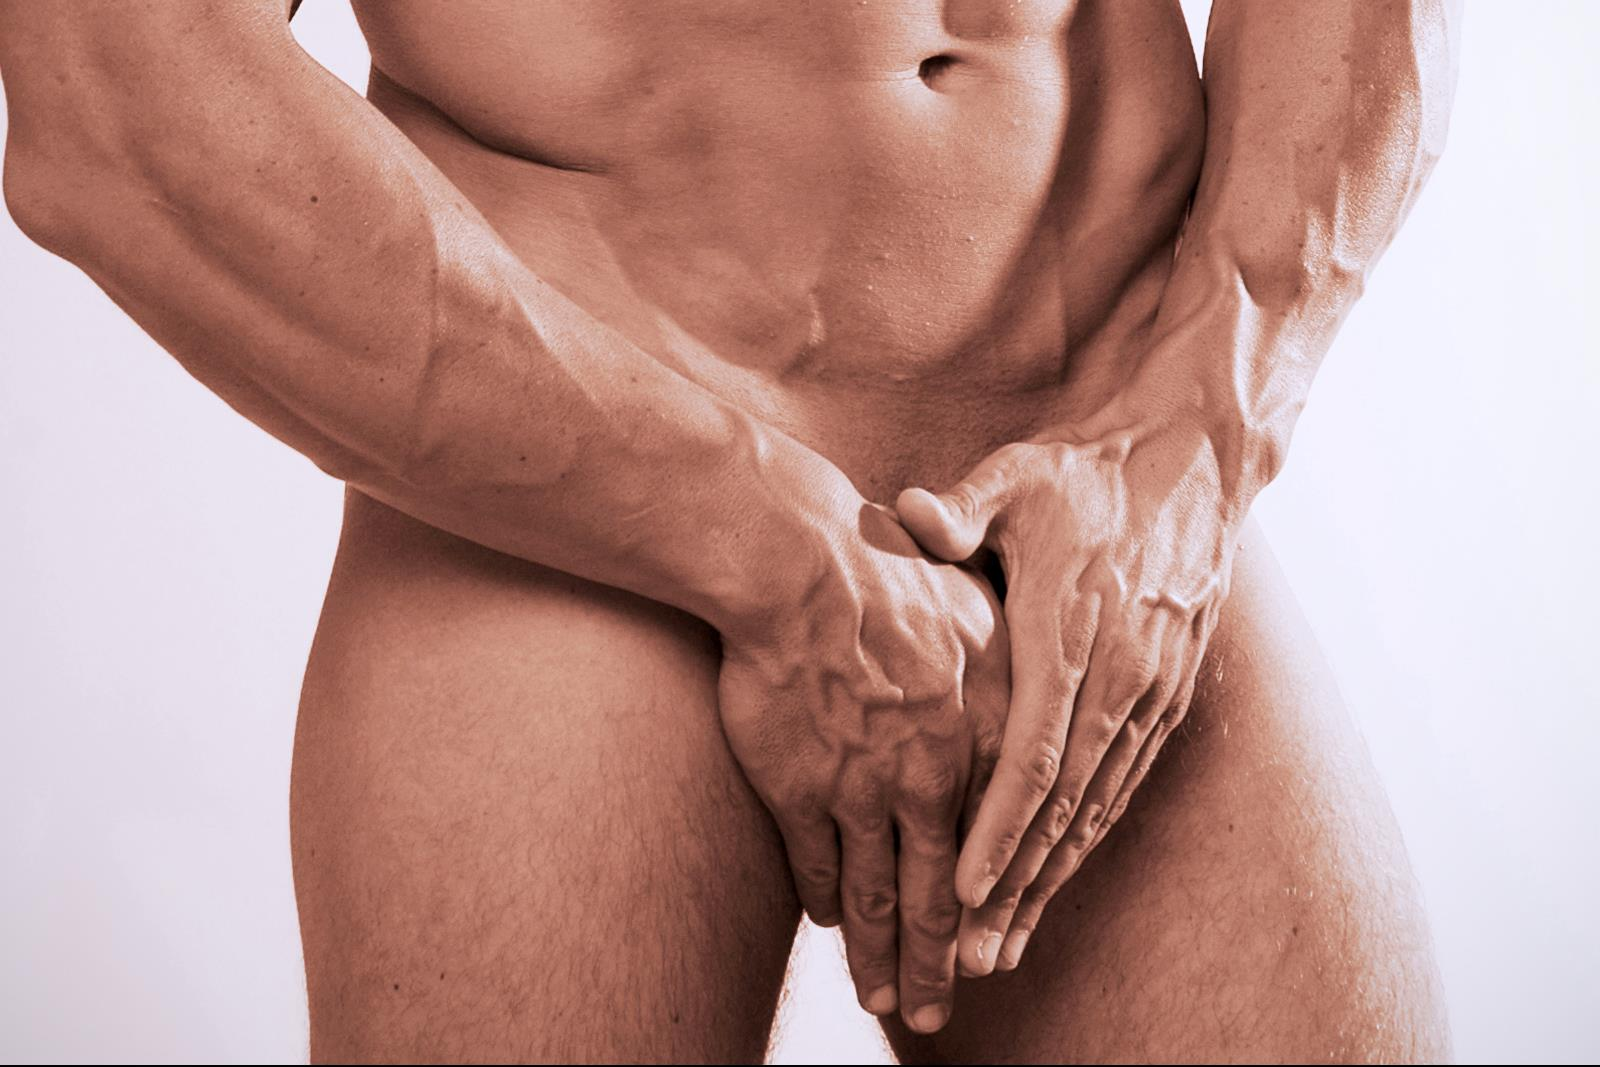 hogyan kell kezelni a pénisz ráncait